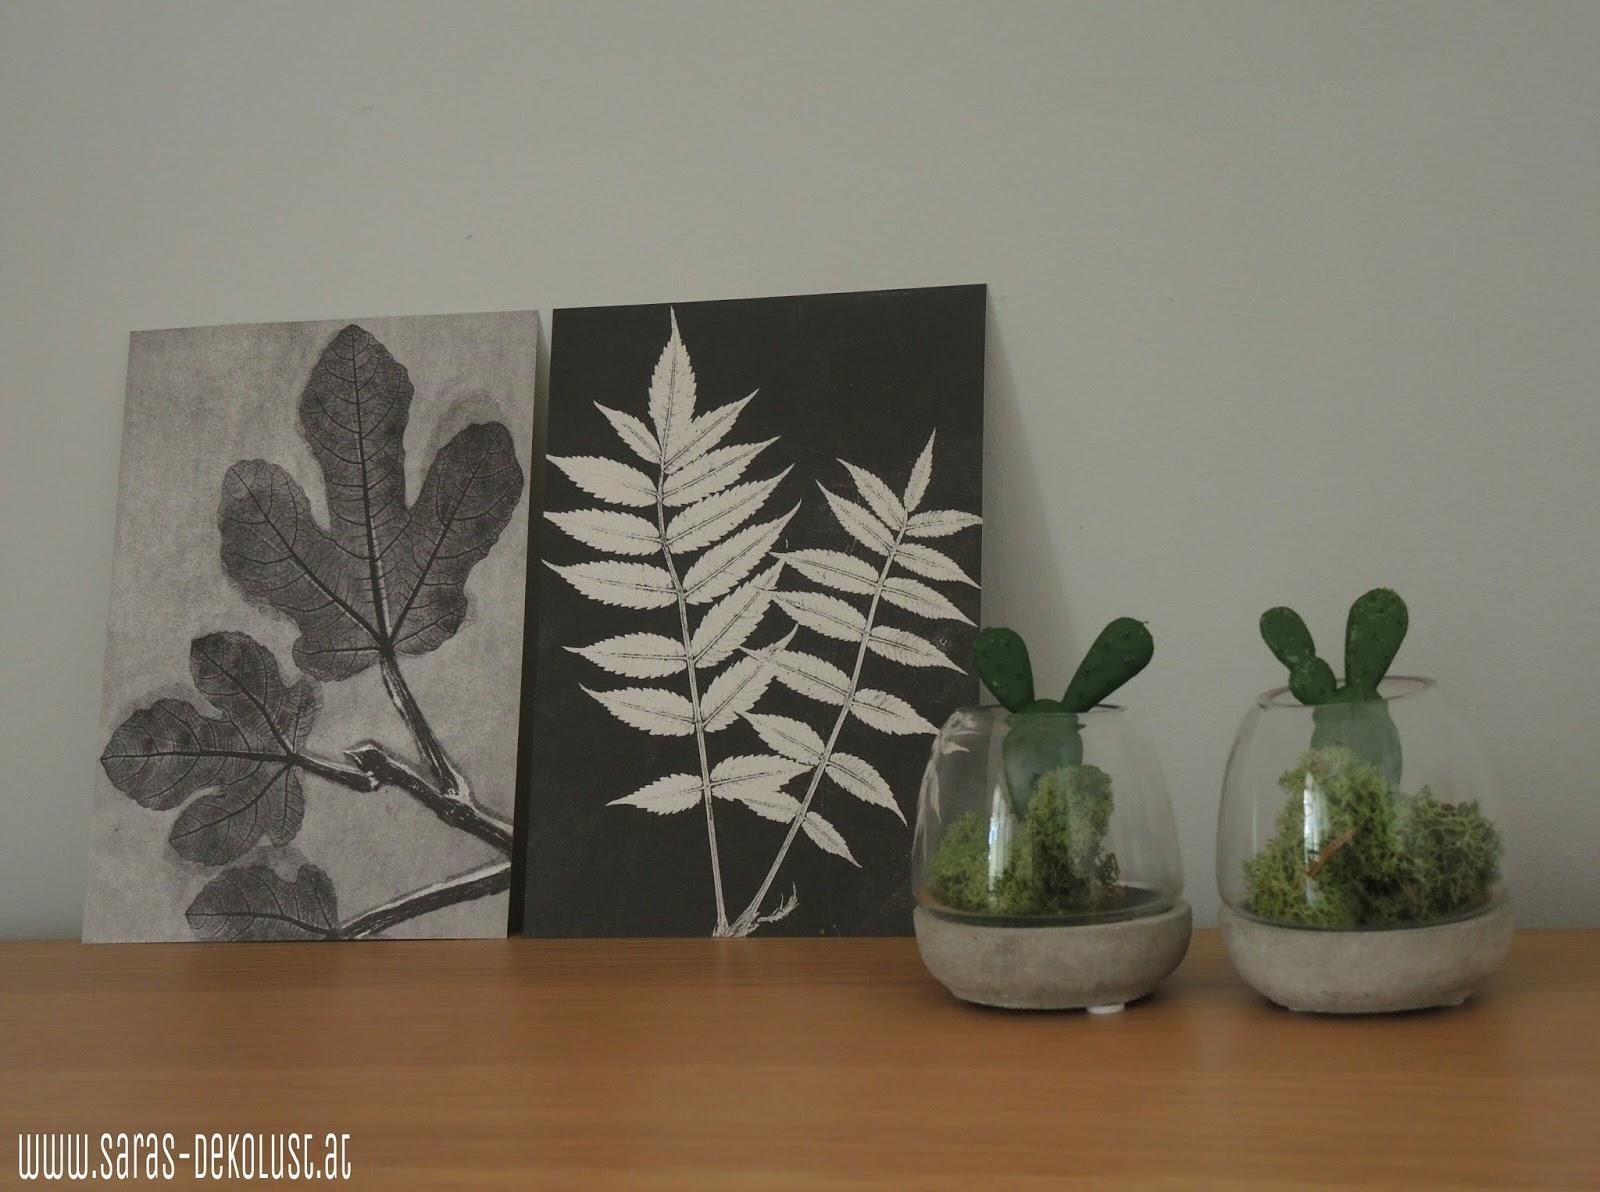 saras dekolust pflanze im glas. Black Bedroom Furniture Sets. Home Design Ideas